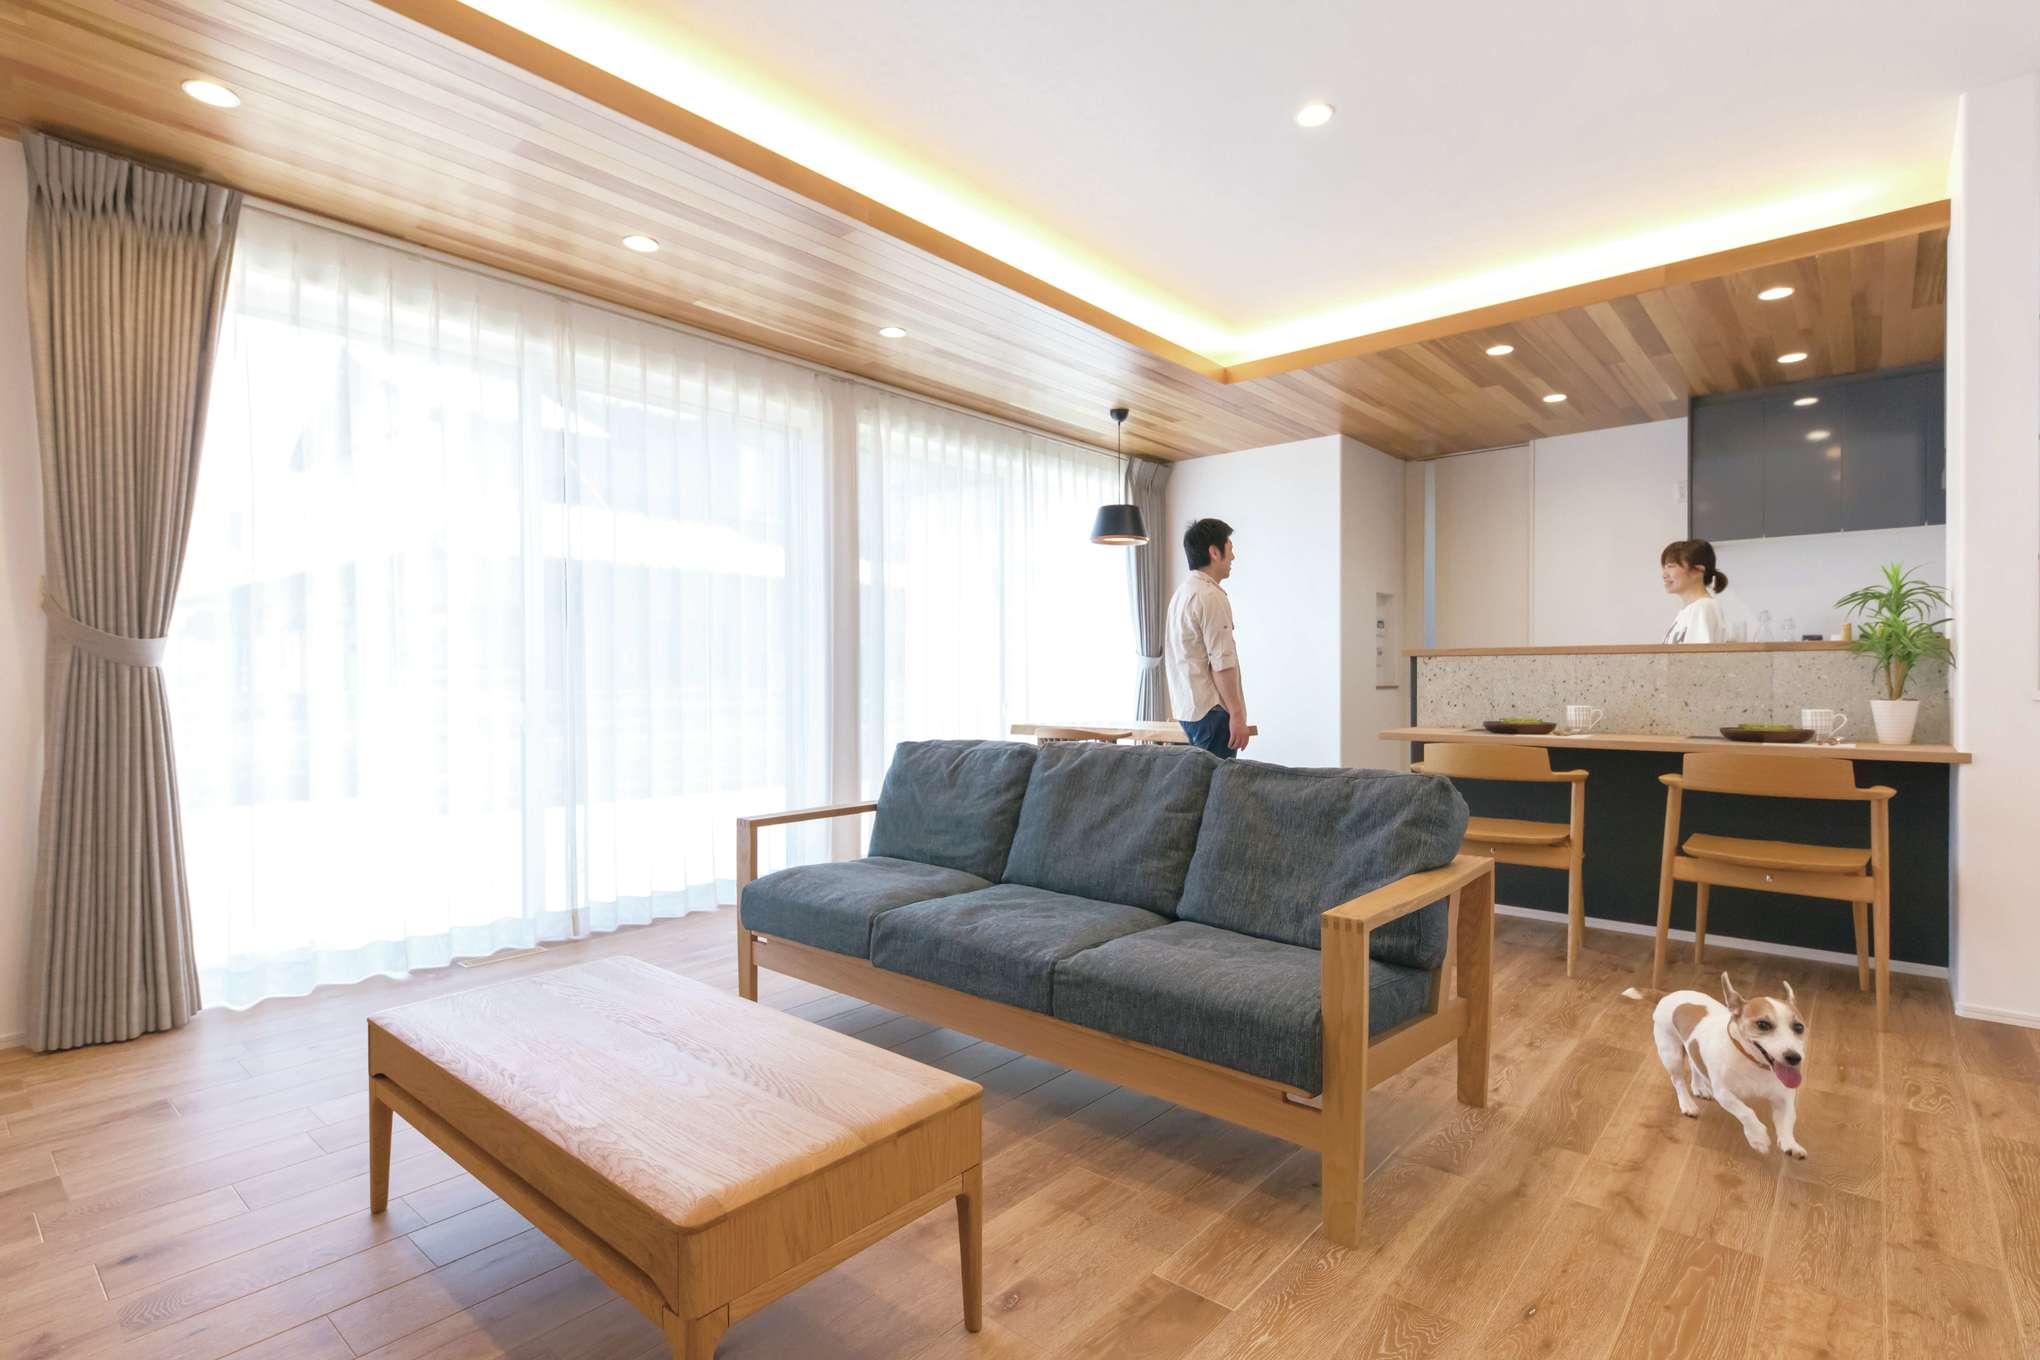 ワンズホーム【デザイン住宅、ペット、平屋】愛犬に負担の少ない床材やクロスを採用。臭いやホコリを抑えつつ、きれいな空気を循環させる24時間換気システムも装備し、人と犬が快適に暮らせる住空間を実現